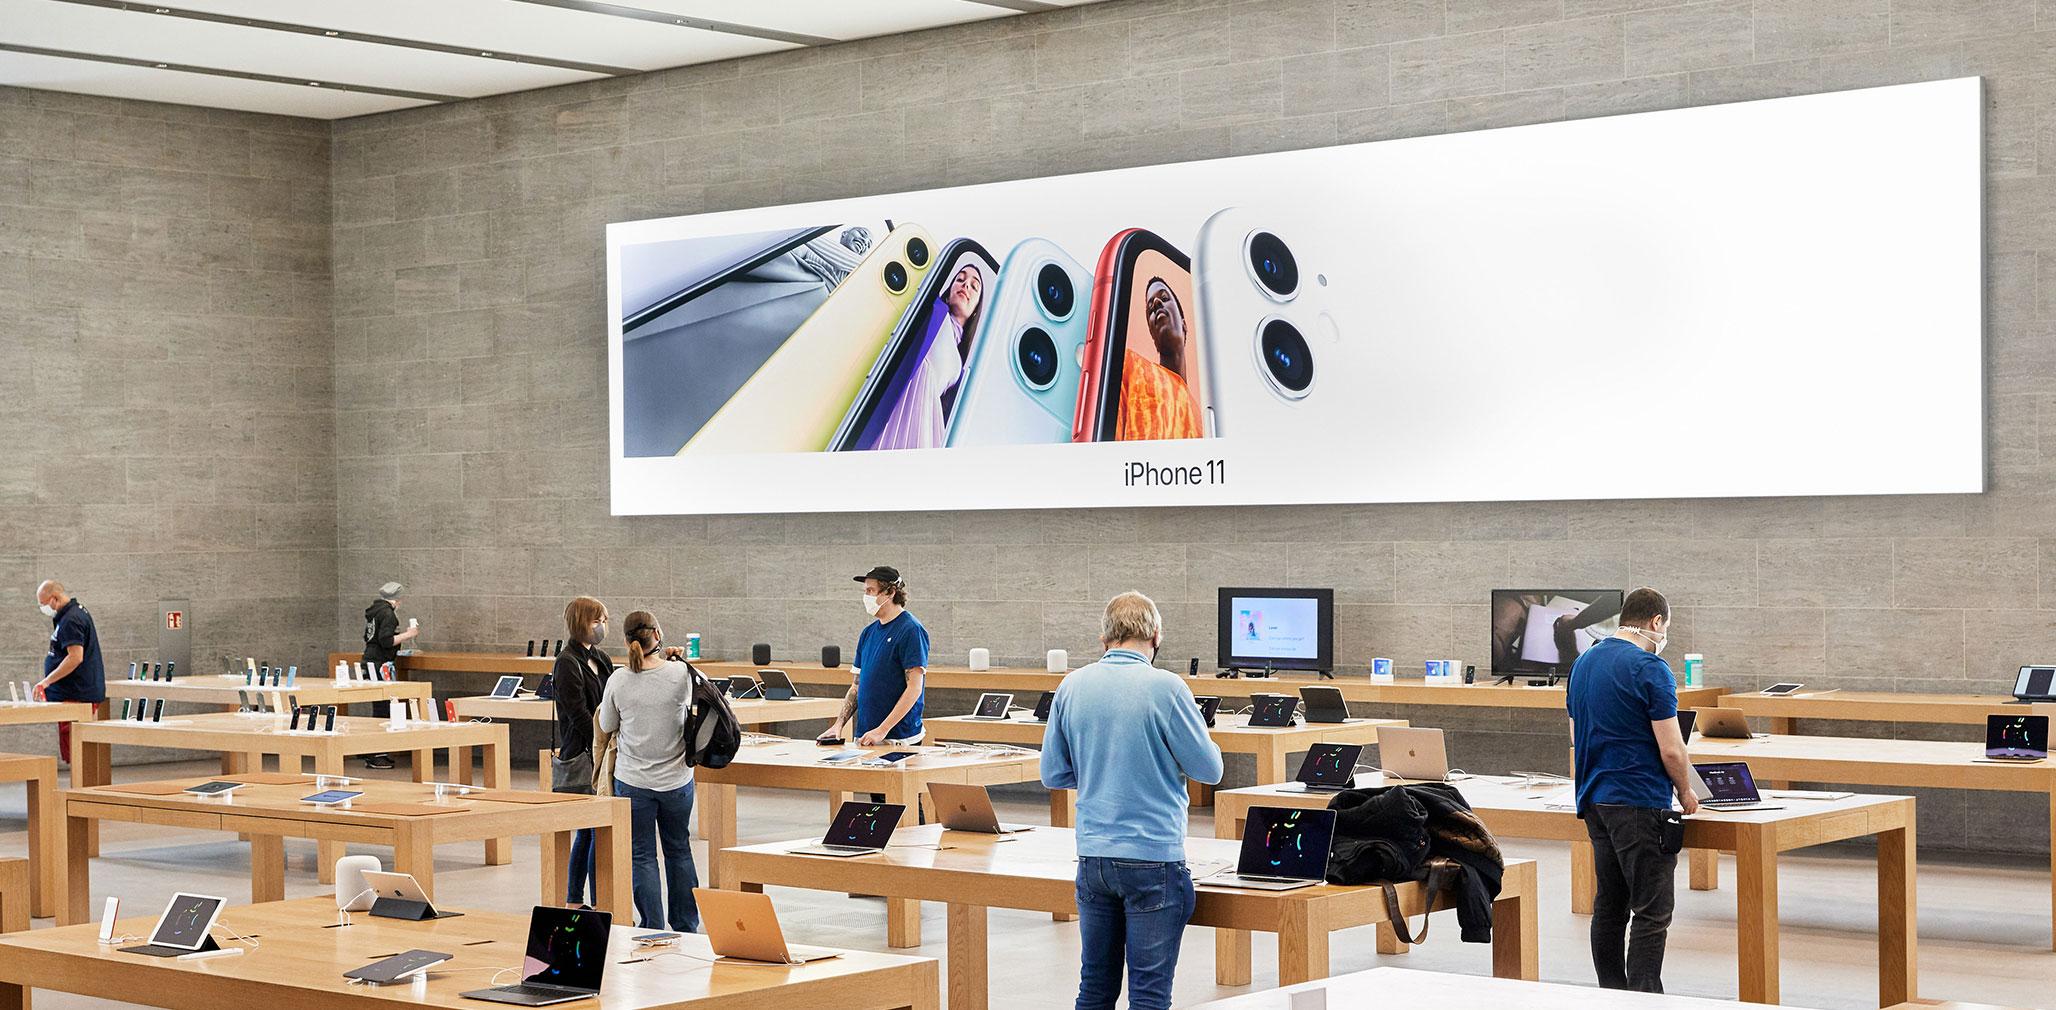 Le misure adottate da Apple per la riapertura degli Apple Store